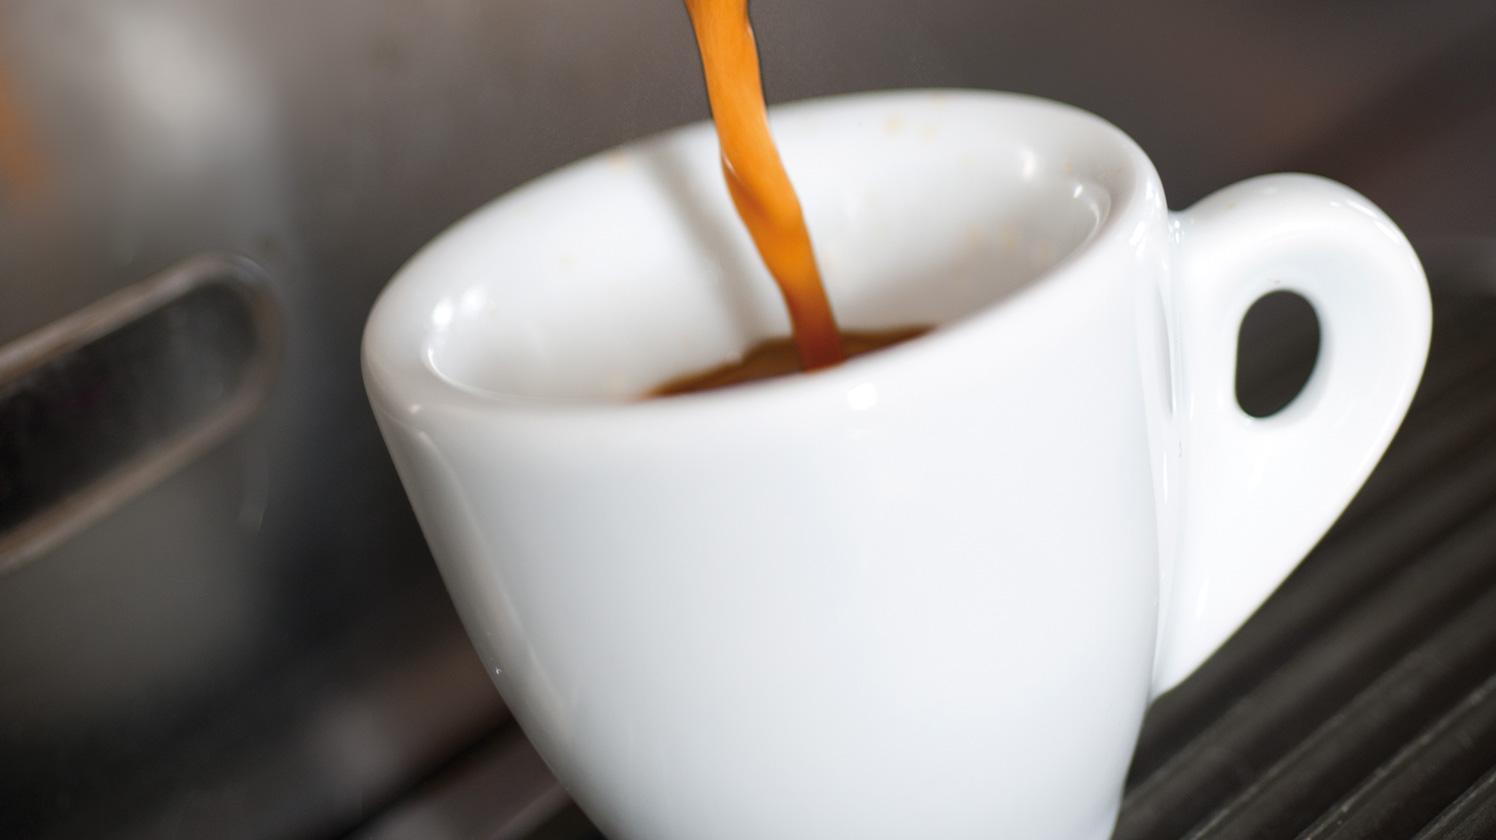 BRITA filter AquaAroma Crema espresso maken